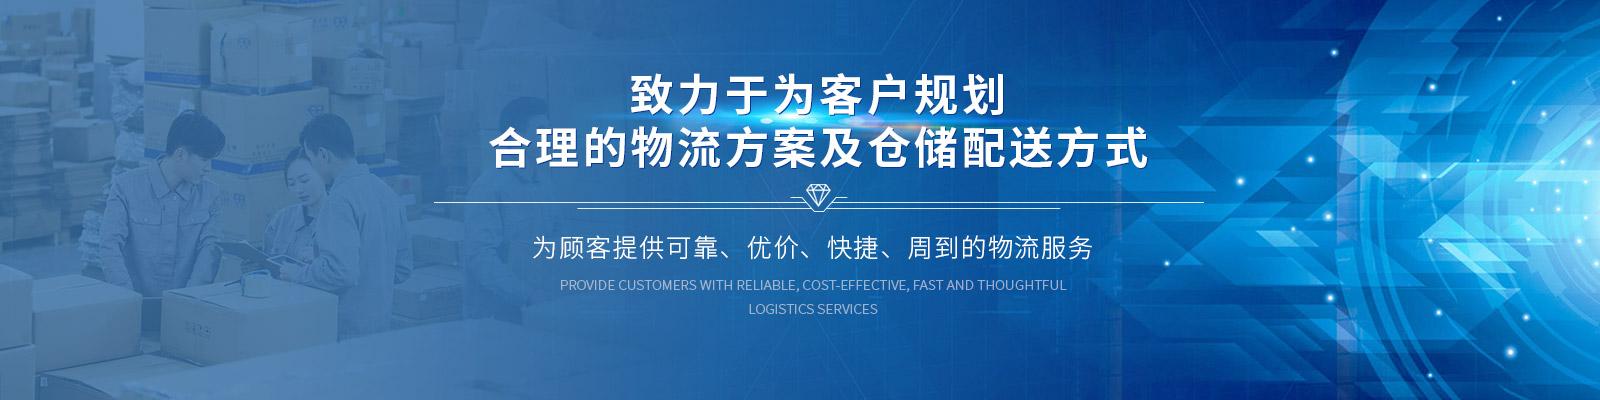 上海仓储配送公司